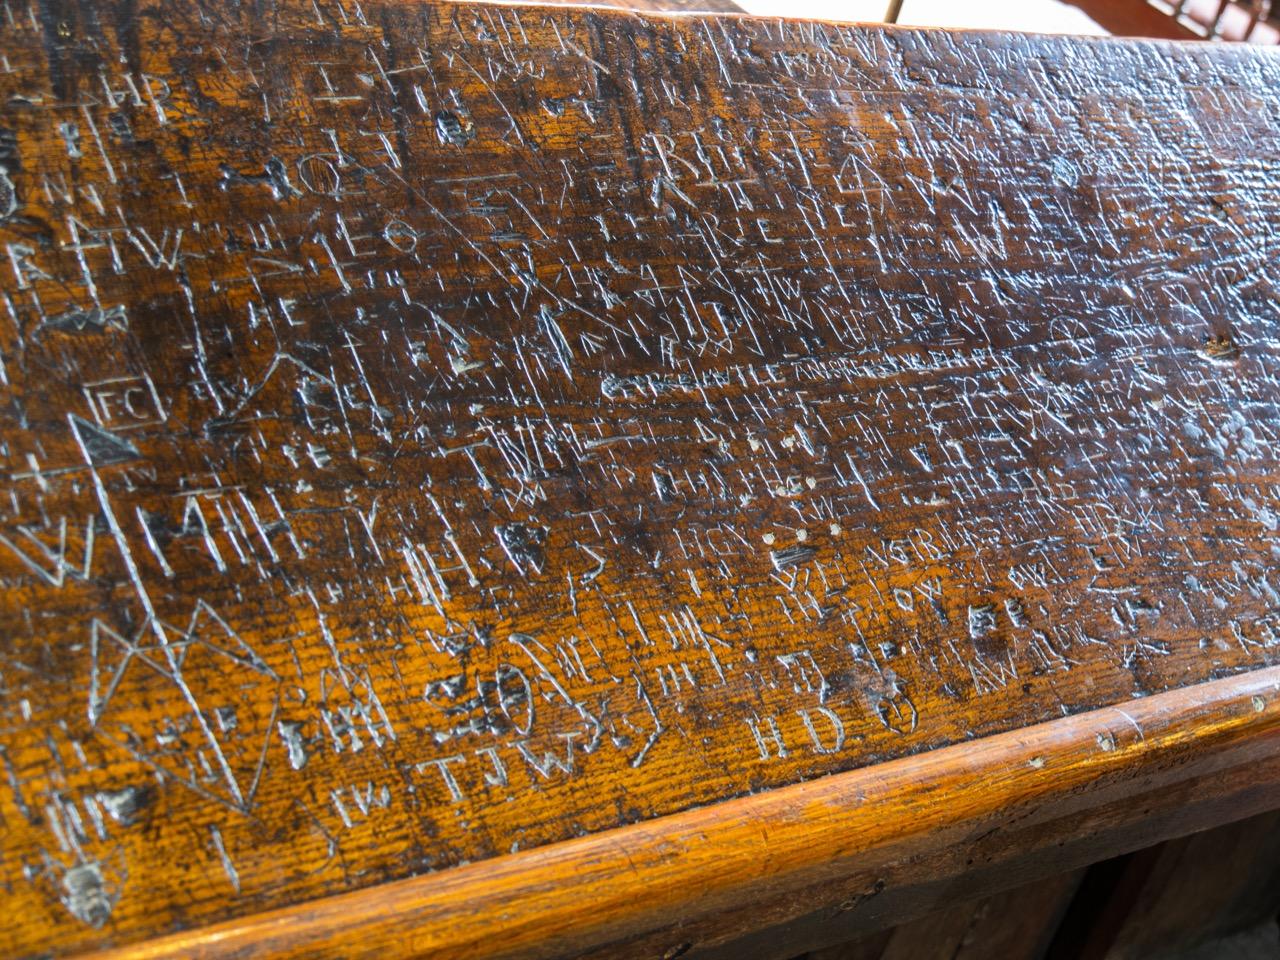 Choir stalls (15th cent.), ancient graffiti